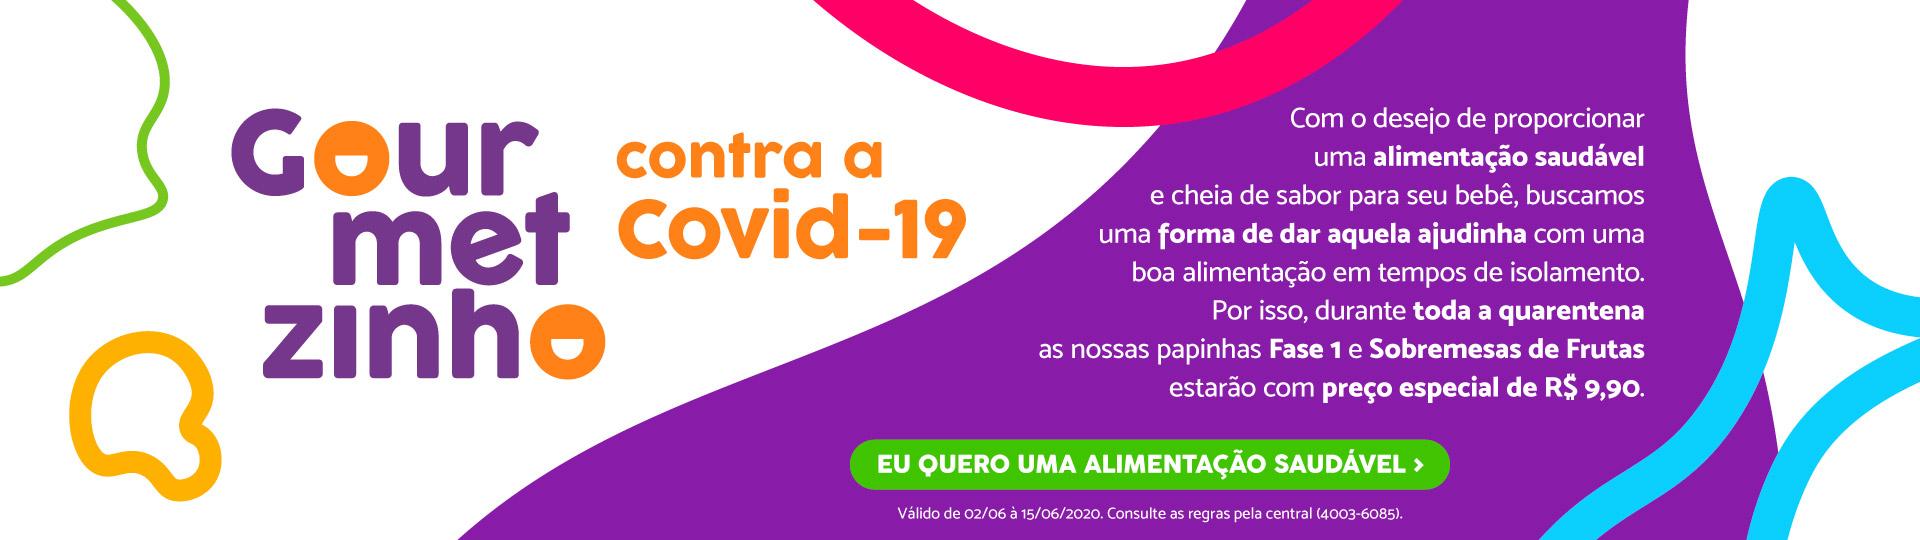 Gourmetzinho conta a COVID-19